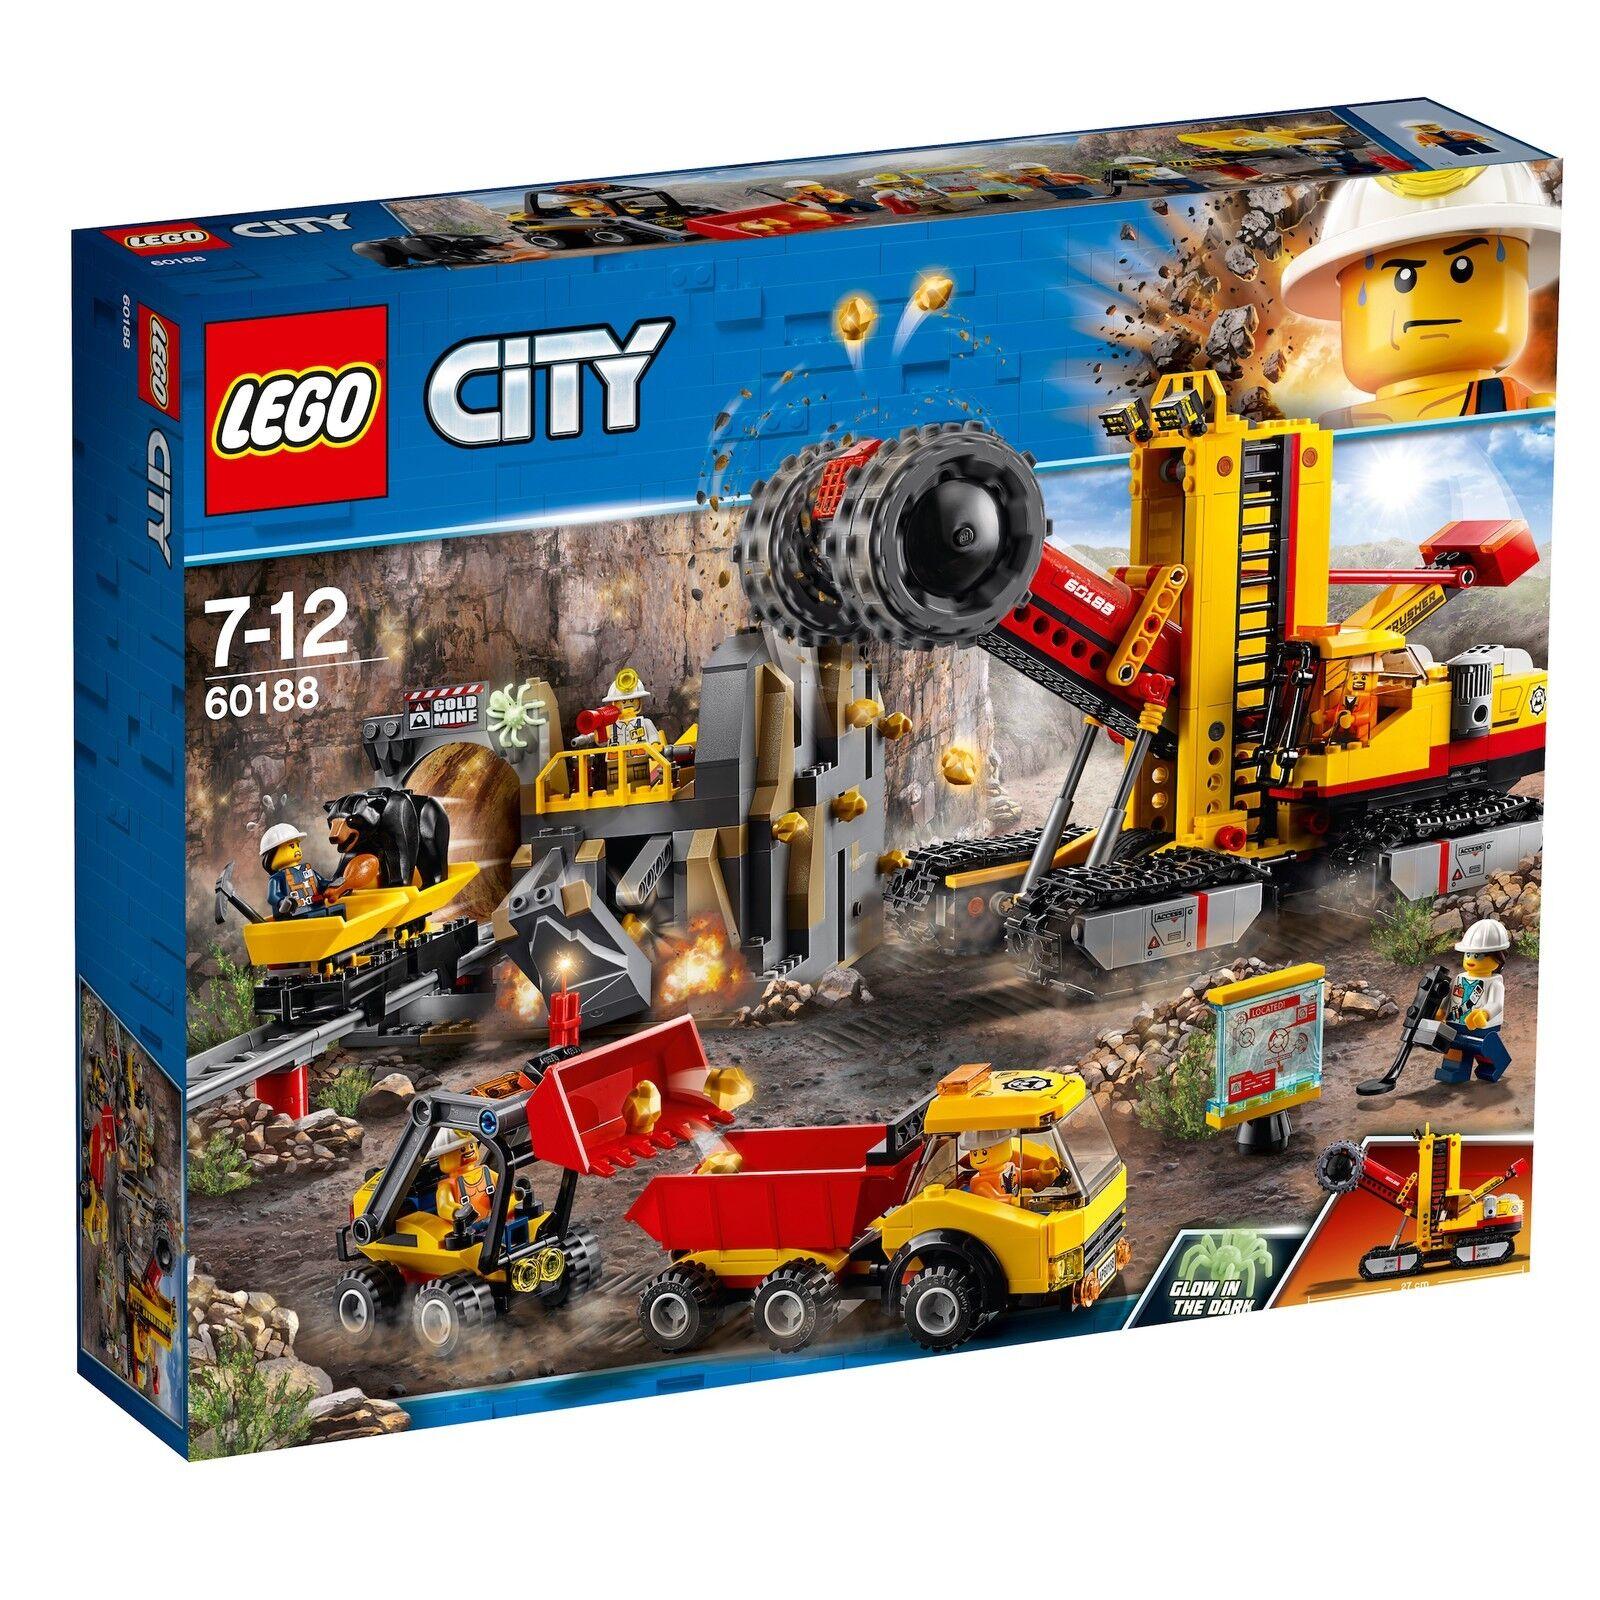 LEGO ® City 60188 miniere professionisti la degradazione vista democratico NUOVO OVP _ NEW MISB NRFB